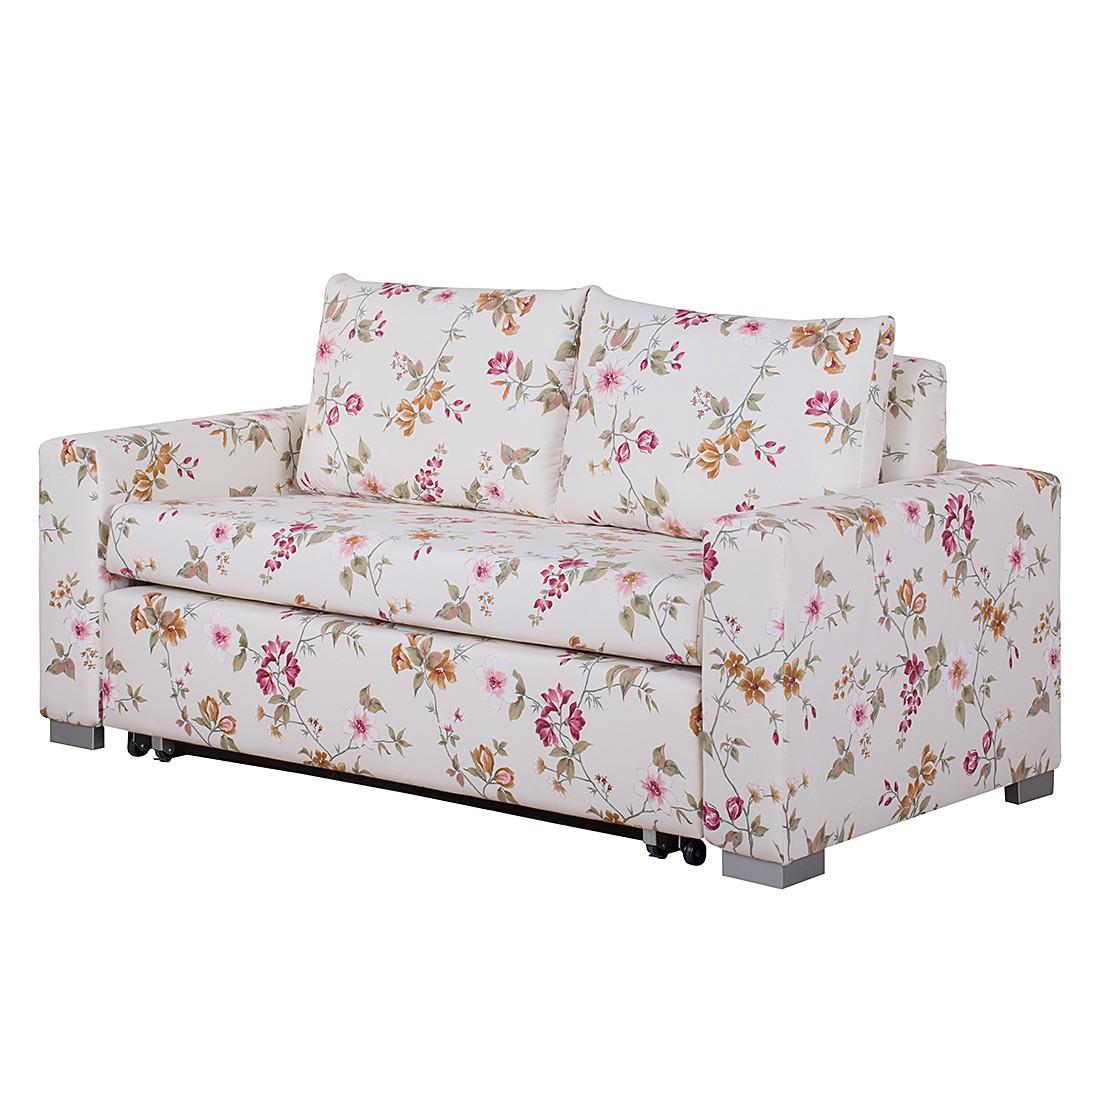 Schlafsofa Latina – Webstoff Beige/Pink geblümt – Breite: 165 cm, roomscape günstig bestellen